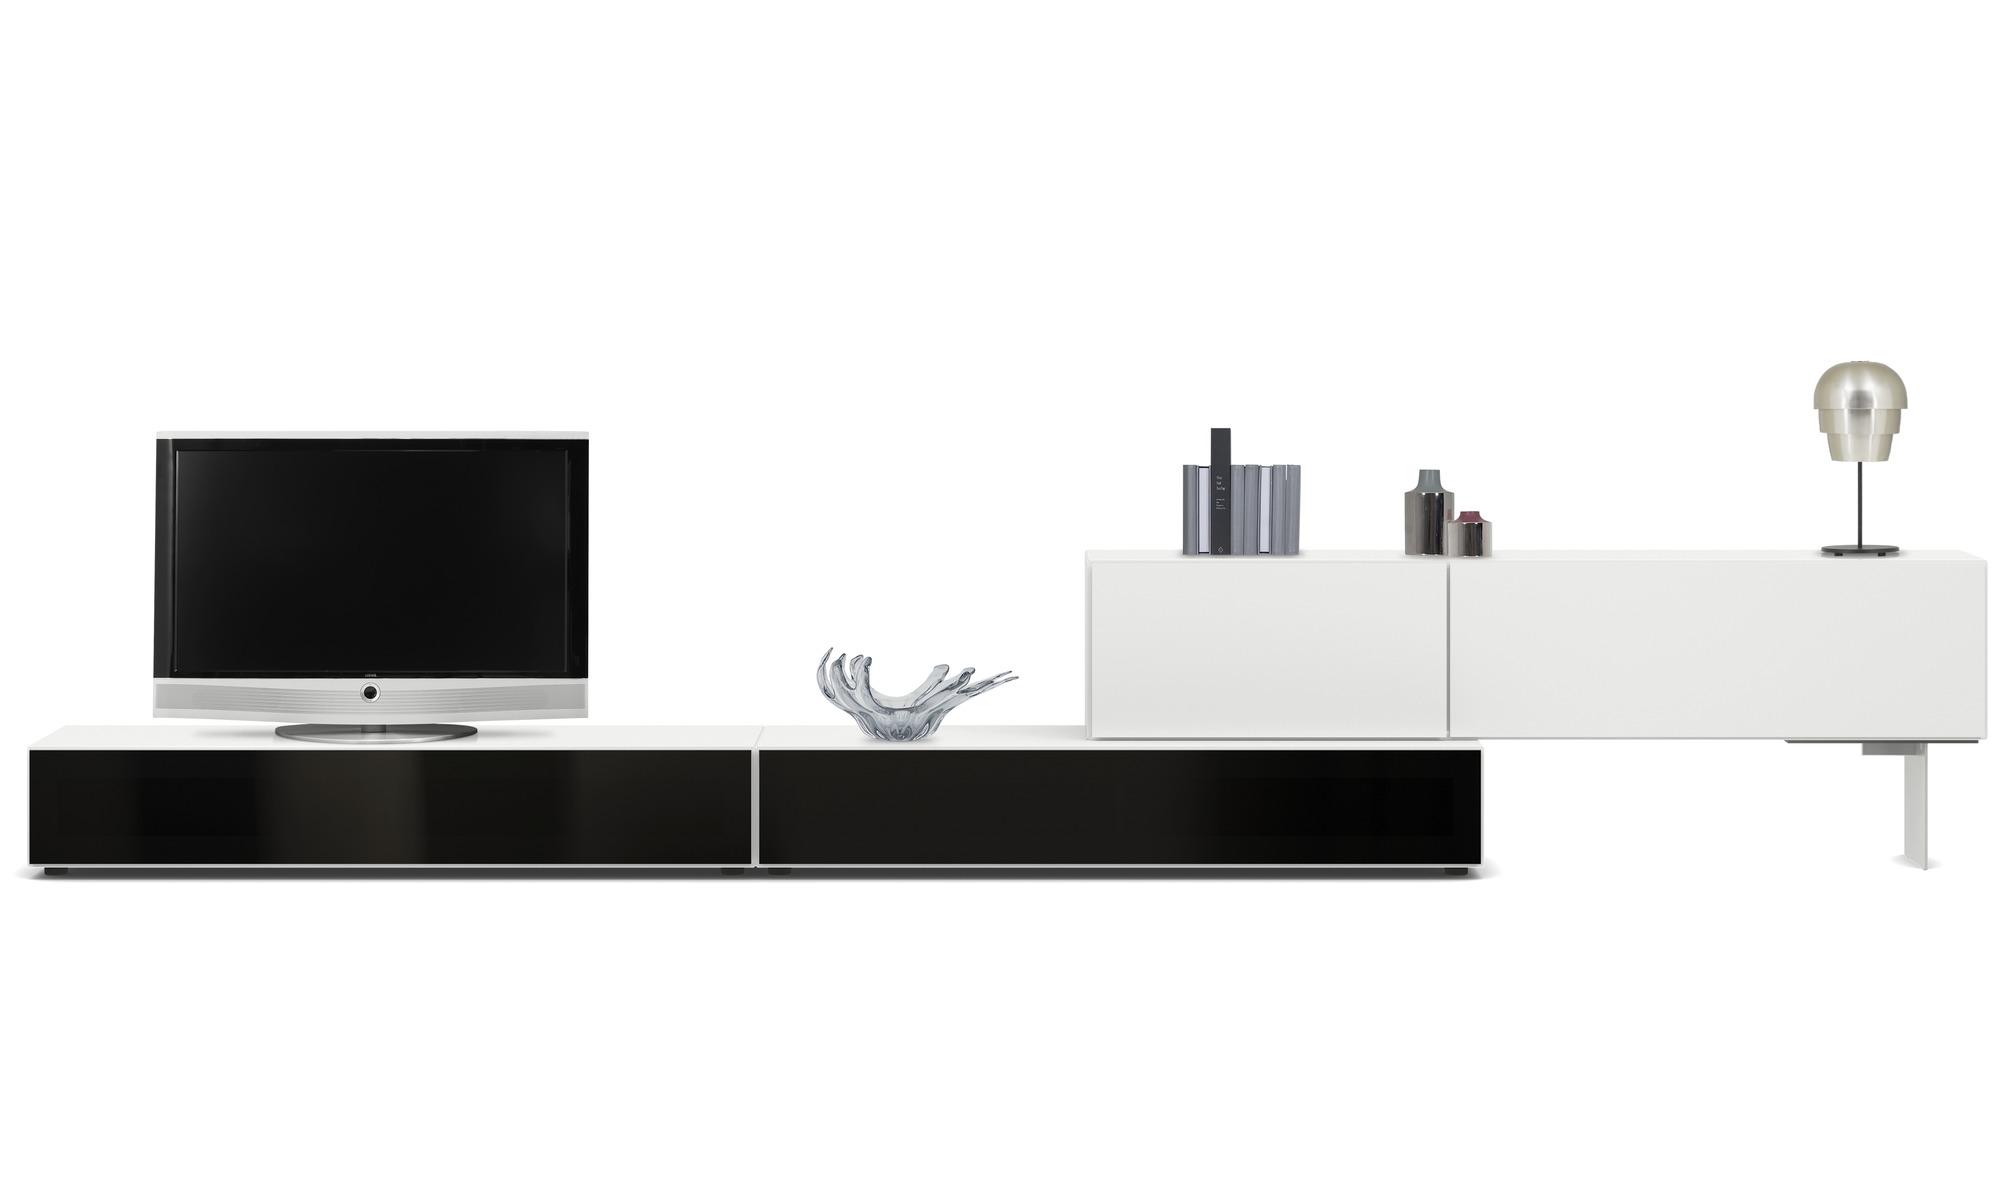 Muebles de TV - Gabinete de base Lugano con puertas abatibles hacia abajo - Blanco - Laca